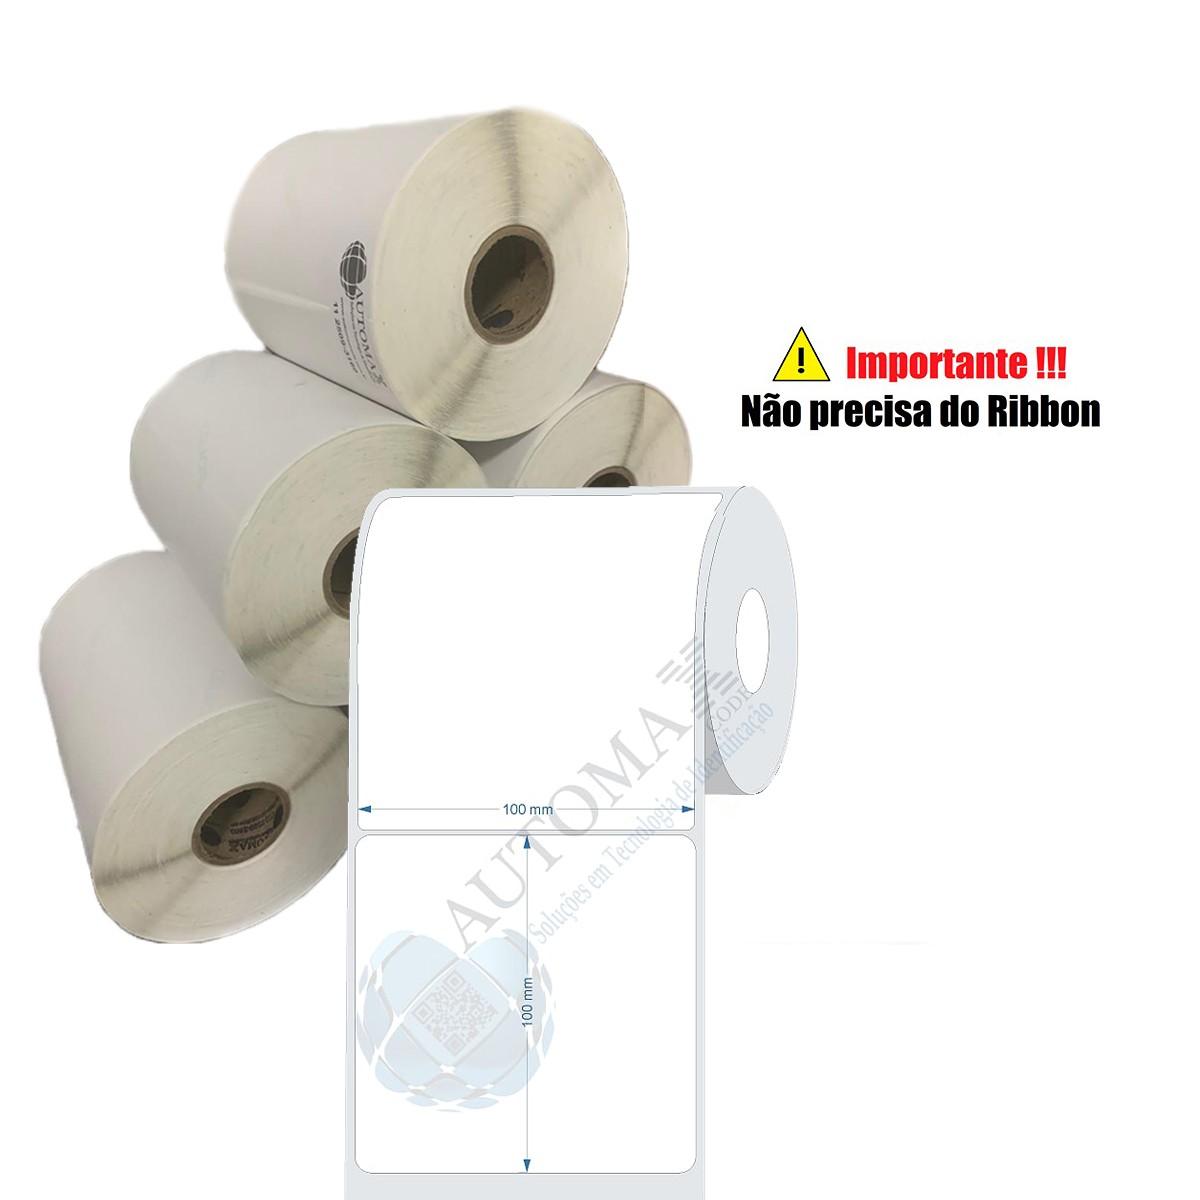 10 Rolos de Etiqueta Térmica 10x10cm  100mmX100mm